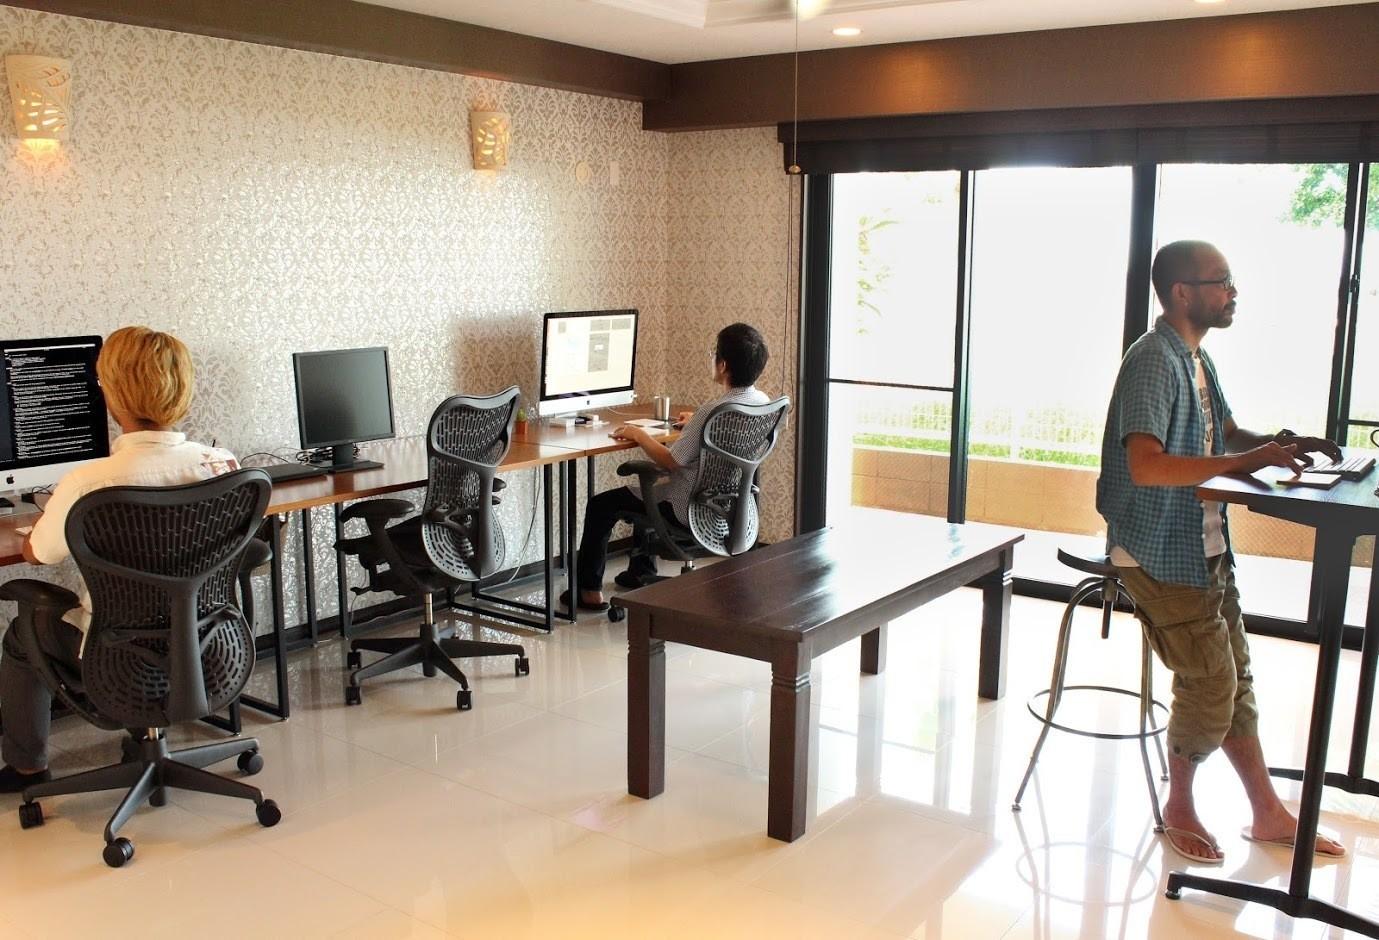 【東京水準の給与で働く@沖縄】採用枠ラスト1名!自社クラウド(SaaS)サービスのUI/UXの設計・開発者募集!